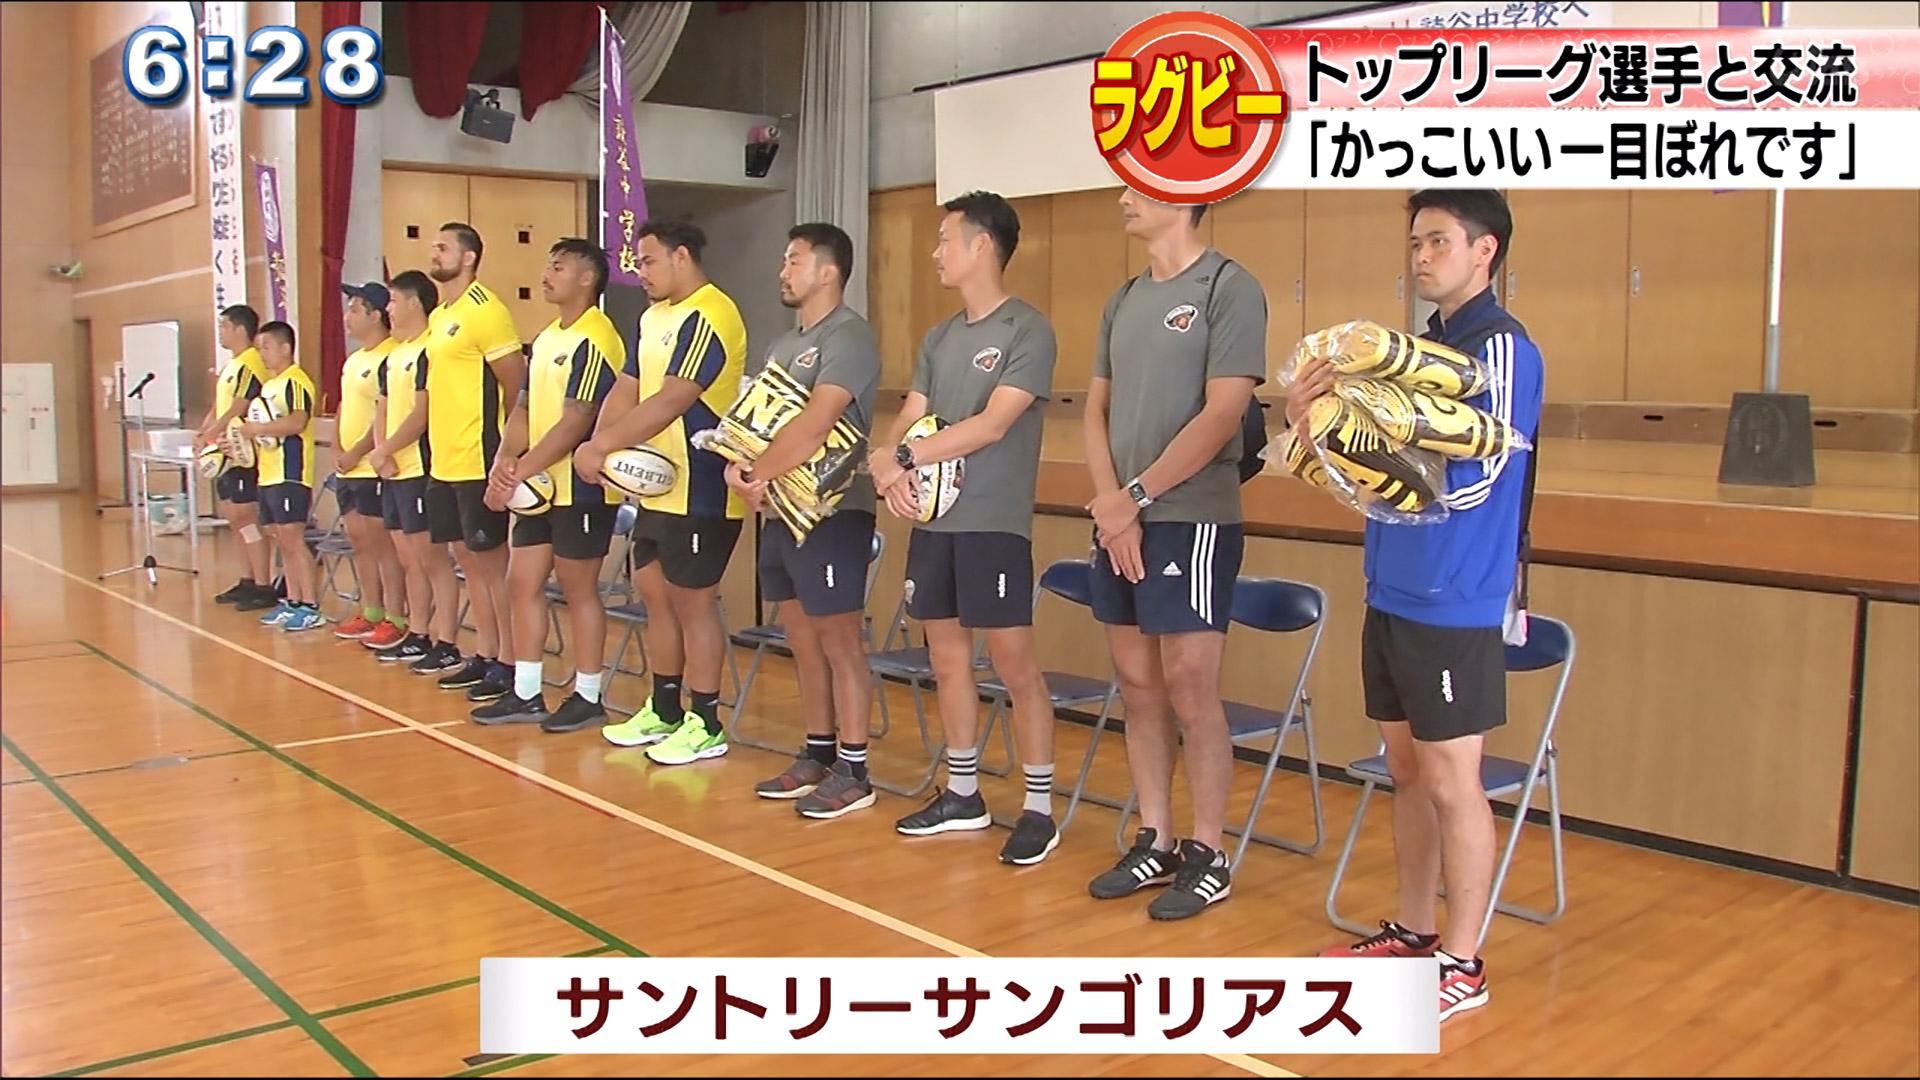 読谷中学校 プロラグビー選手と交流